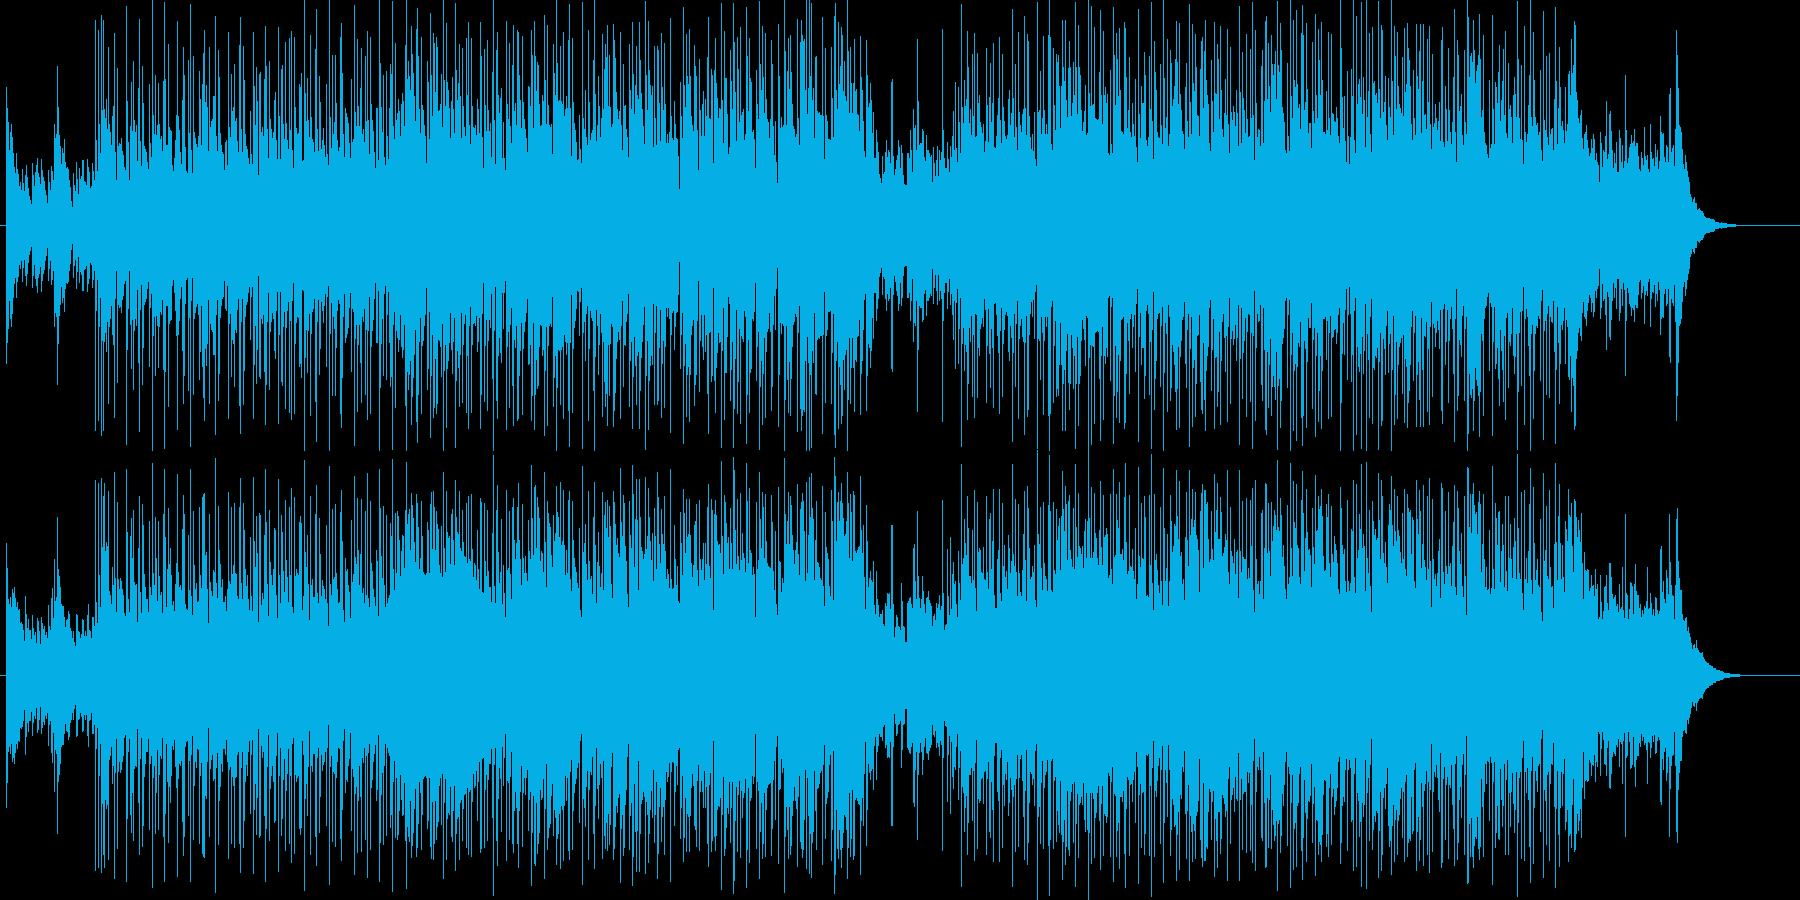 デリケートでシンプルなフォーク・ロック調の再生済みの波形